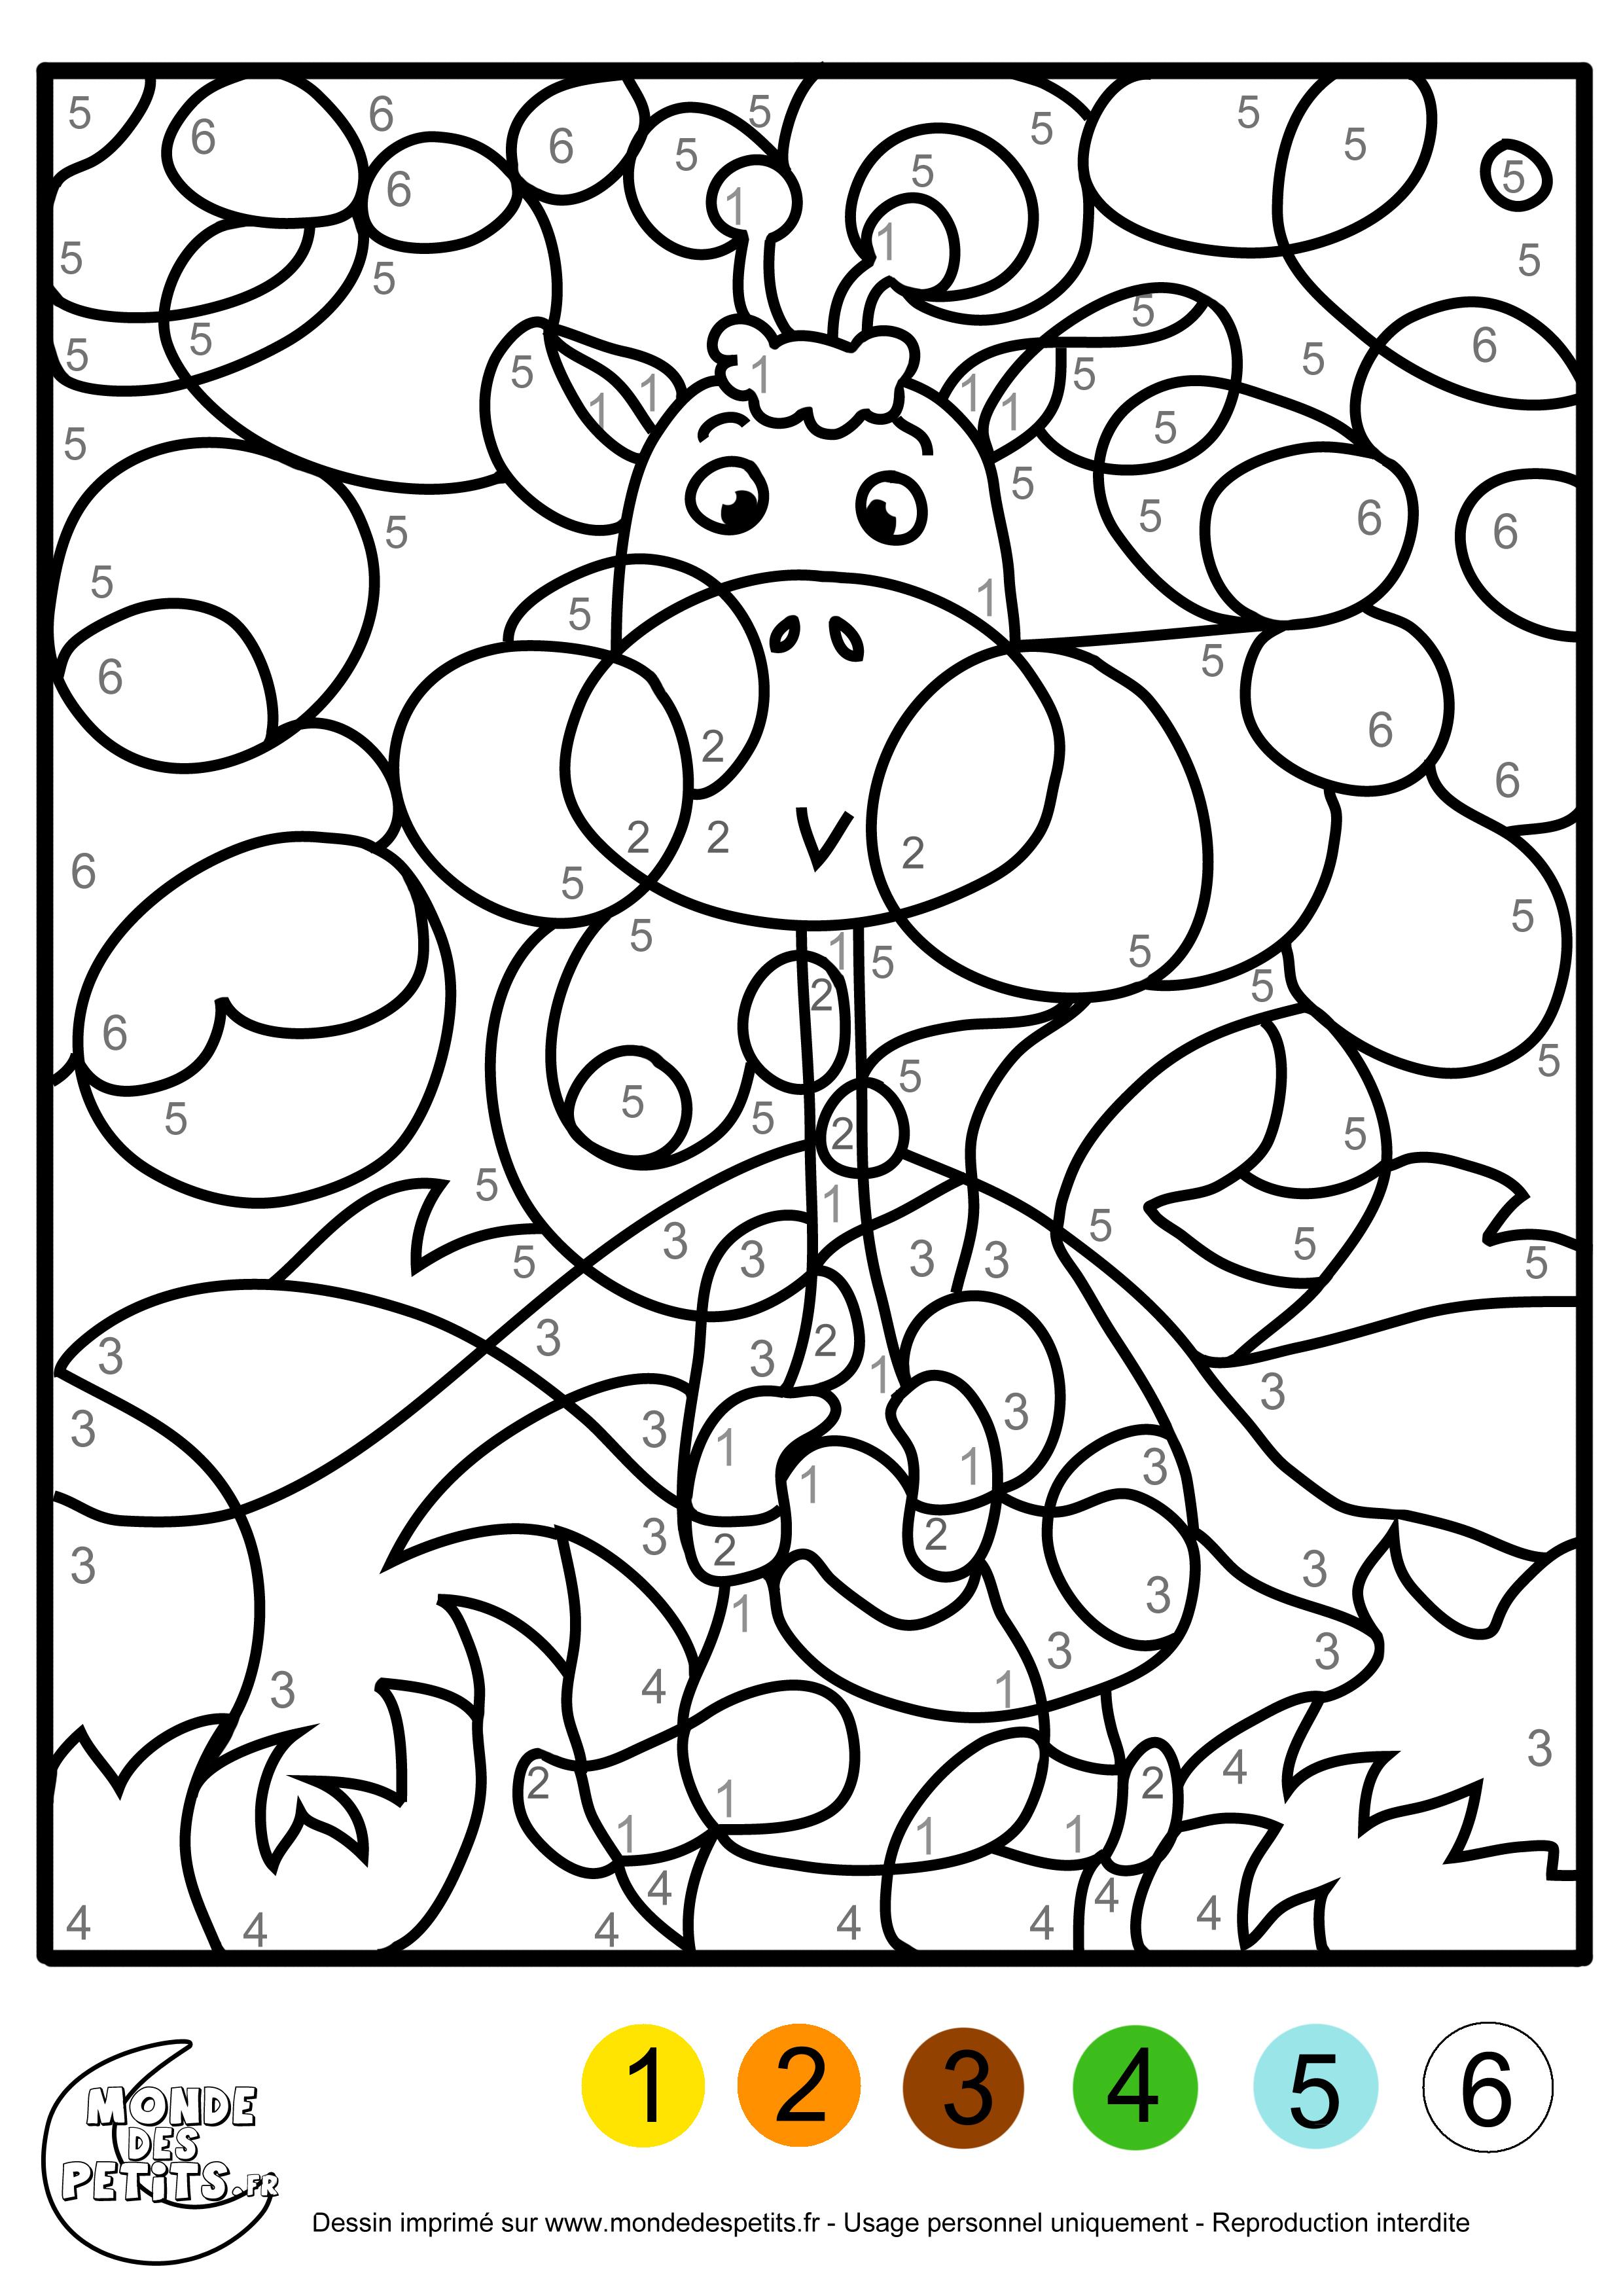 image 19383 coloriage chiffres gratuit